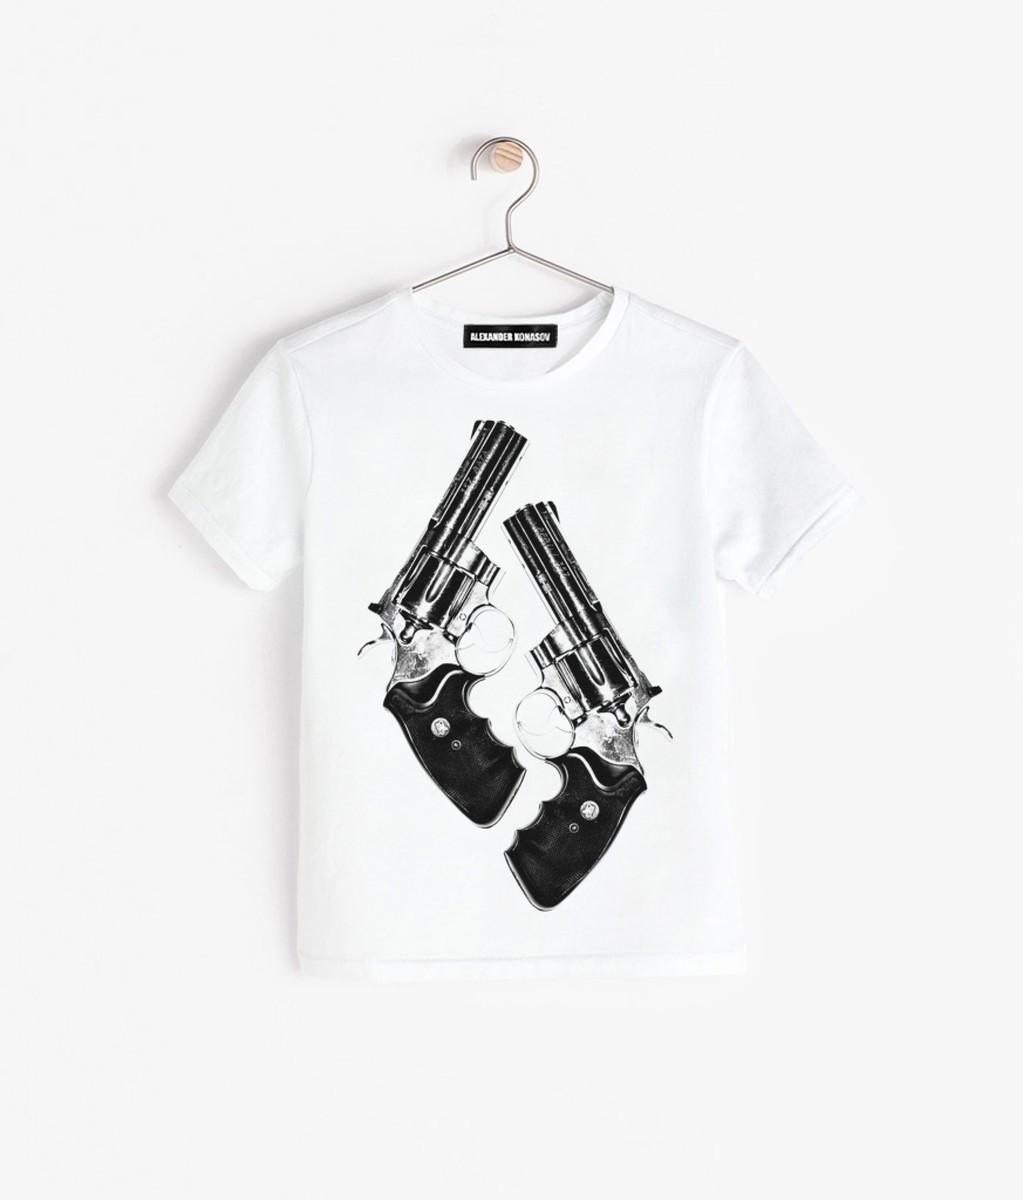 Необычные футболки с пистолетом